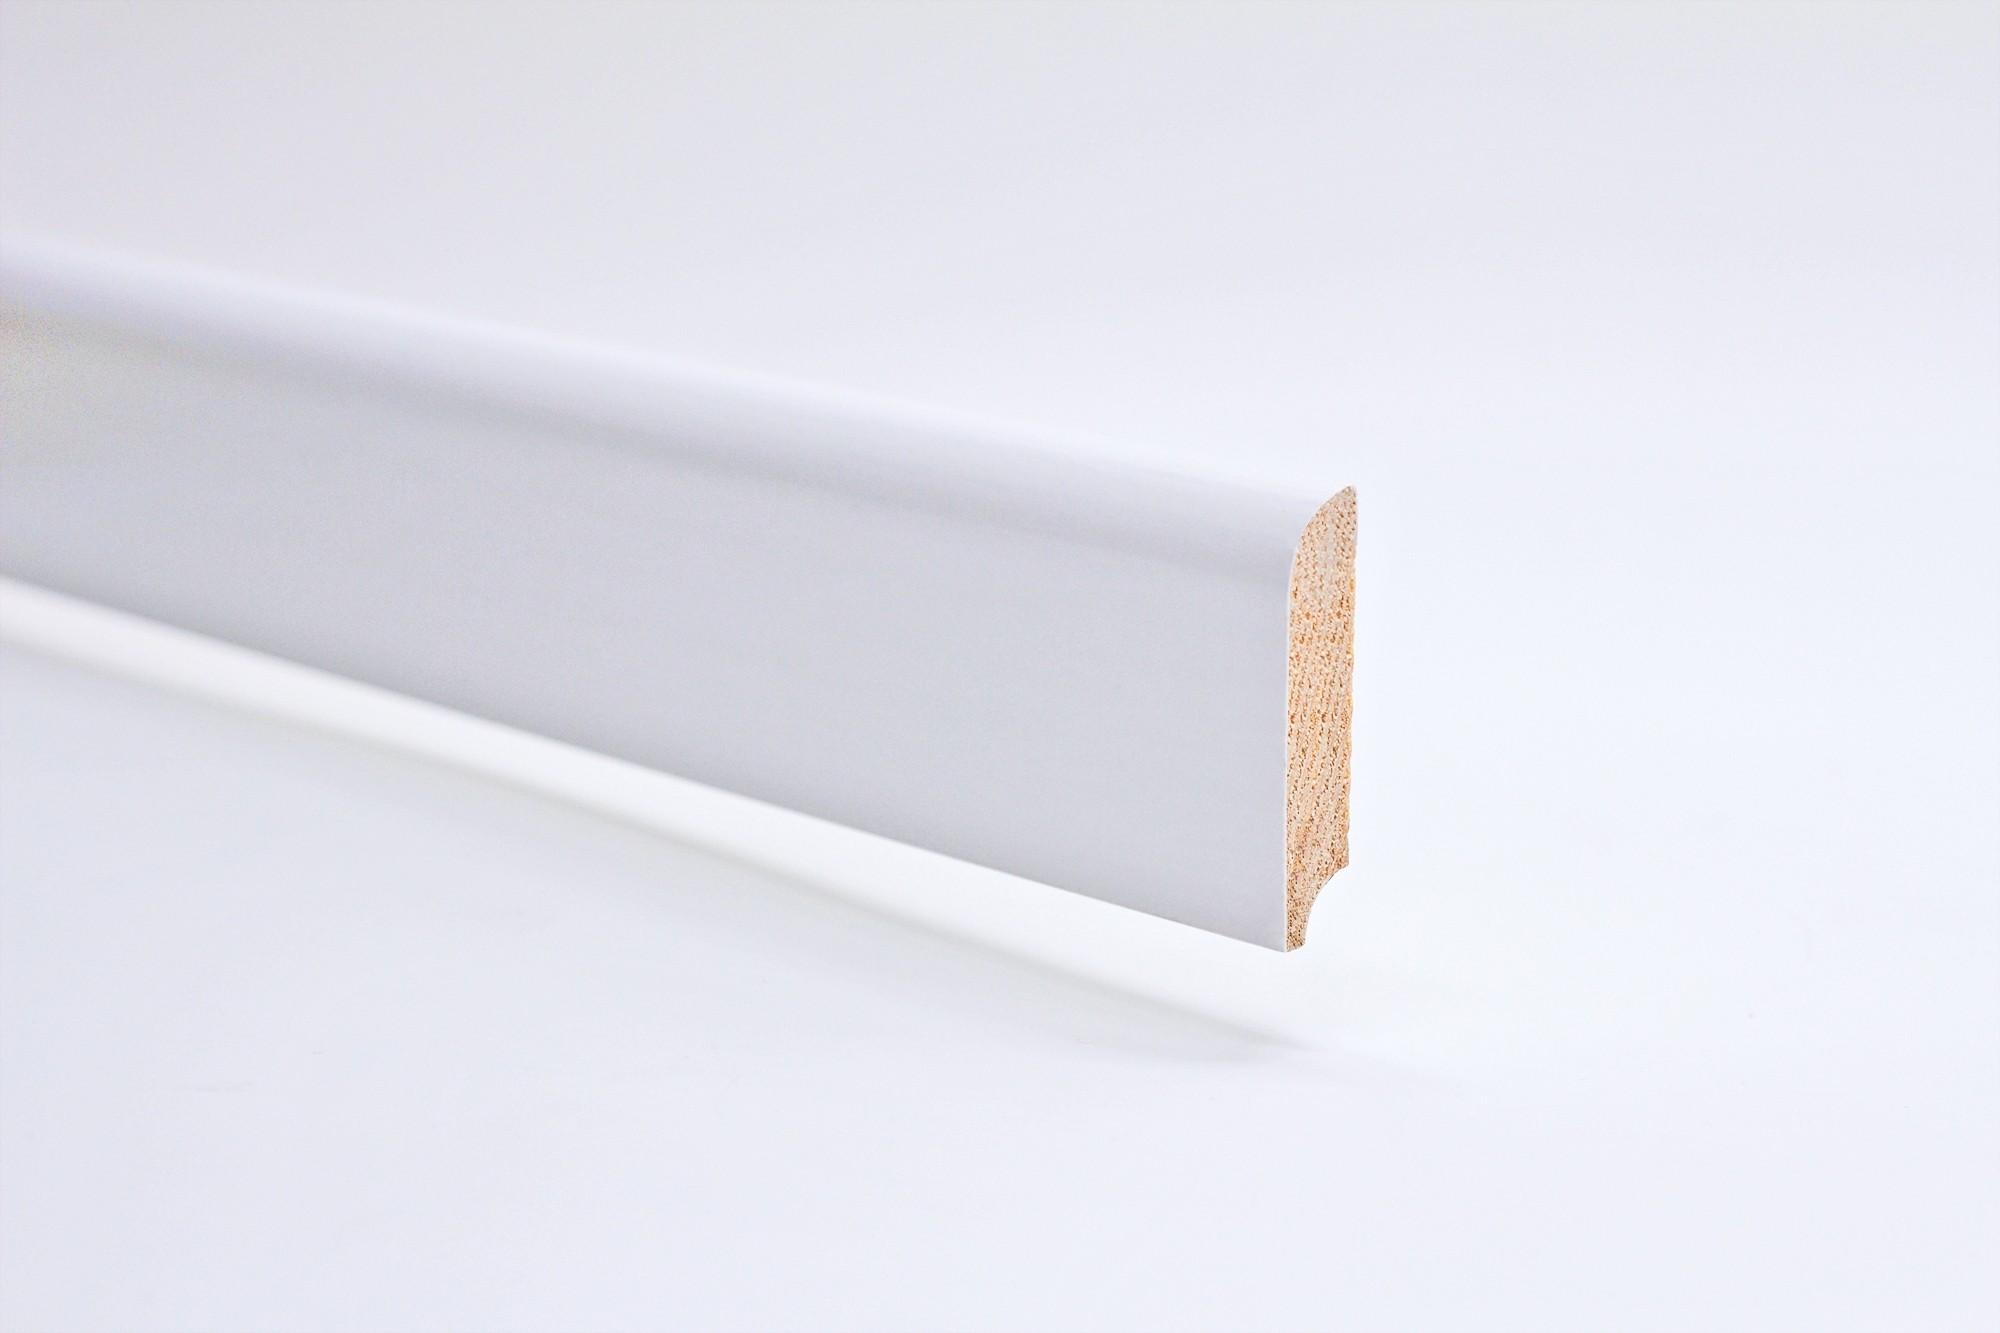 Sockelleiste (2400 x 12 x 58) abgerundet weiß lackiert Massivholz Profil - Interio